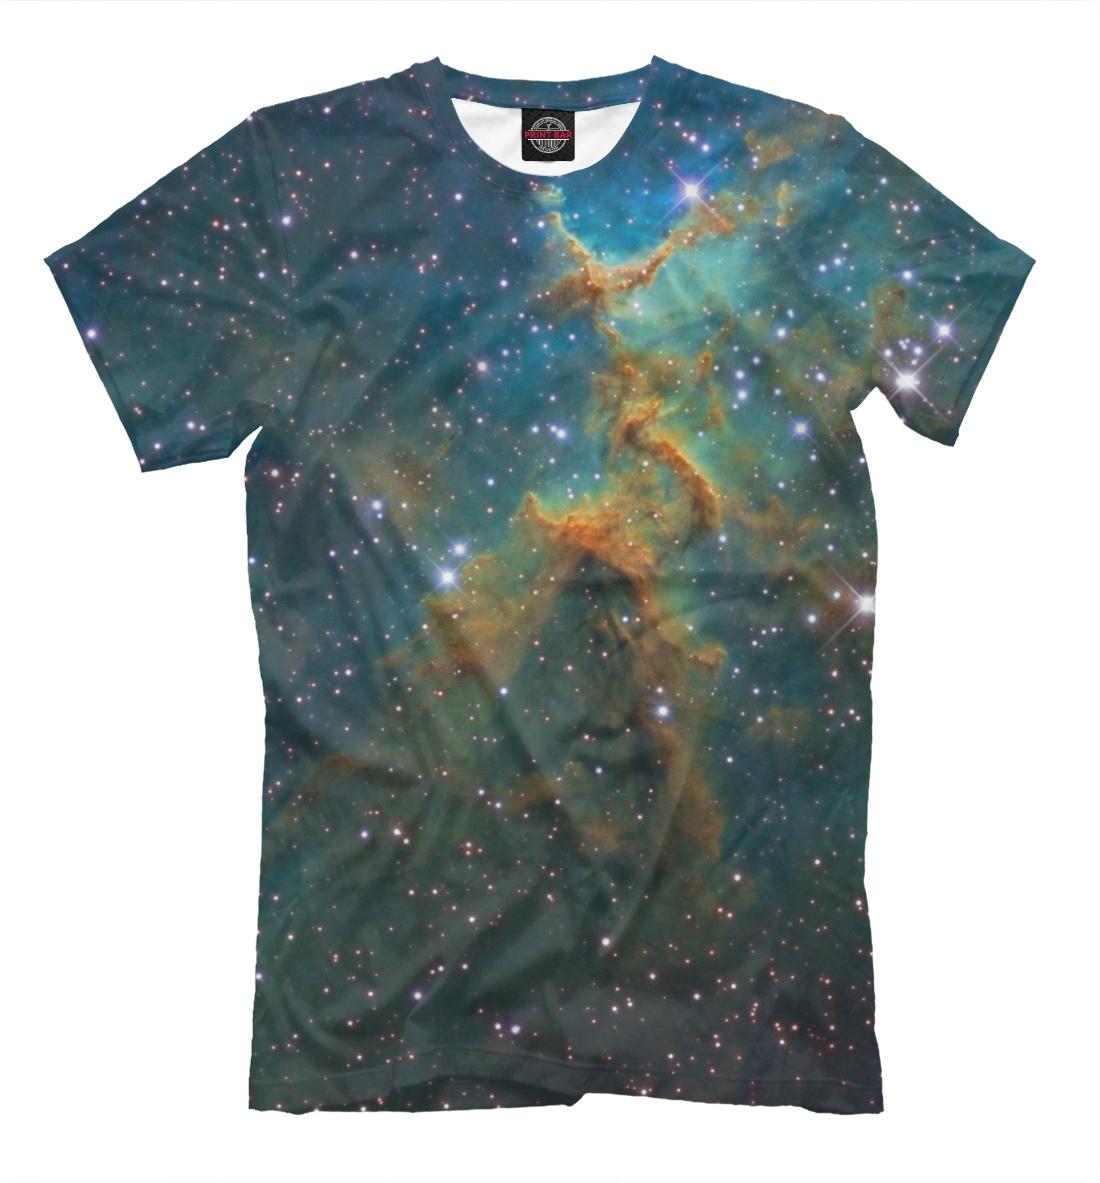 Купить Космос, ты просто космос, Printbar, Футболки, SPA-624746-fut-2